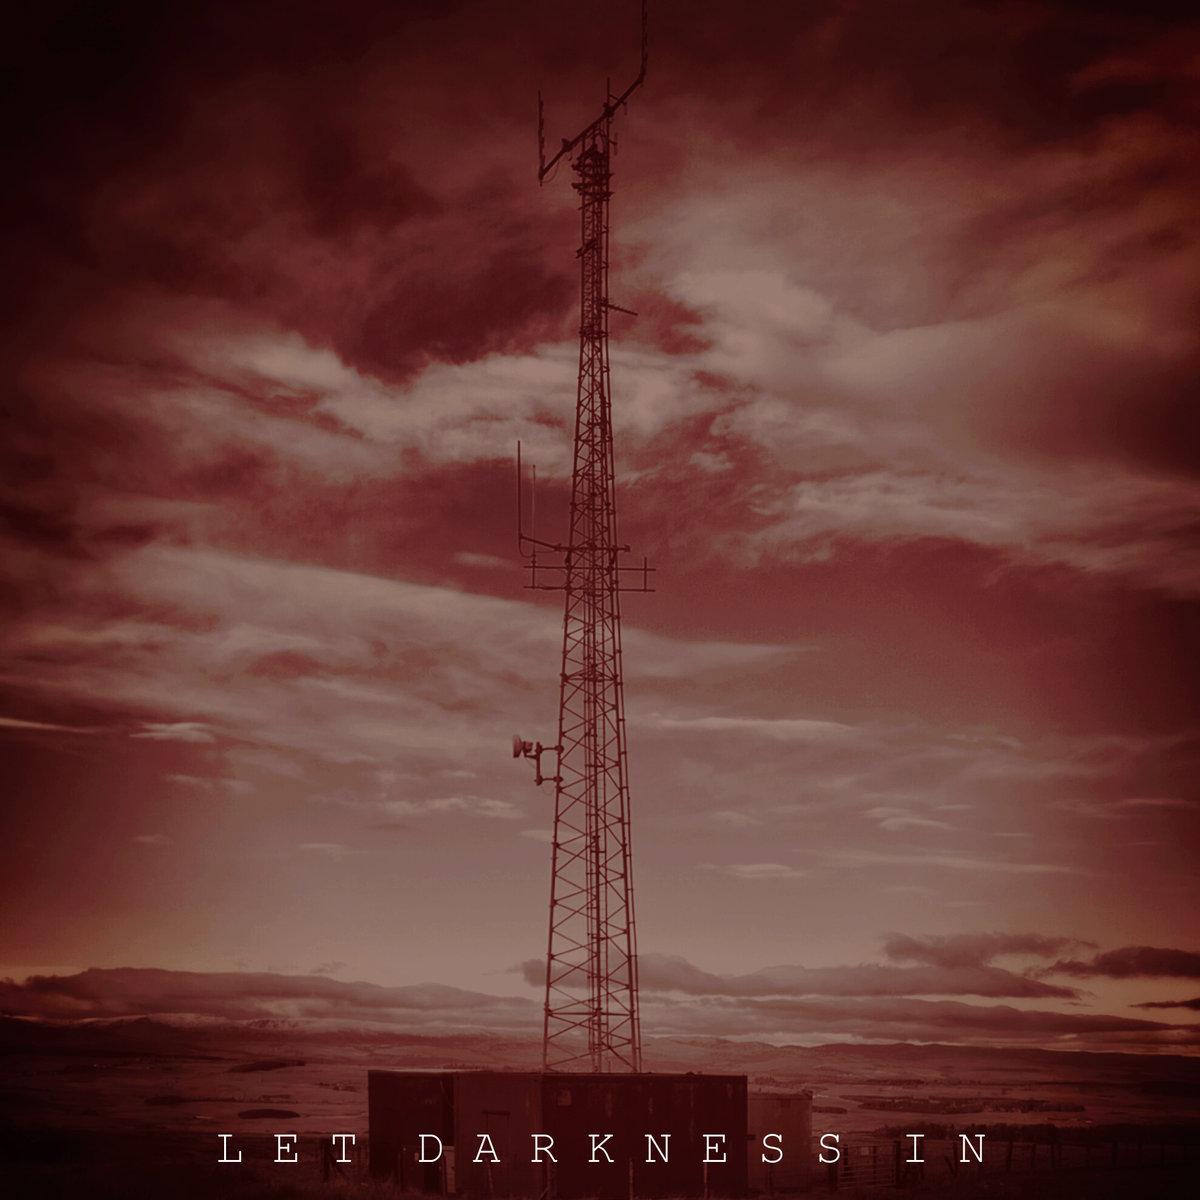 Machinista - Let Darkness in - Machinista - Let Darkness in